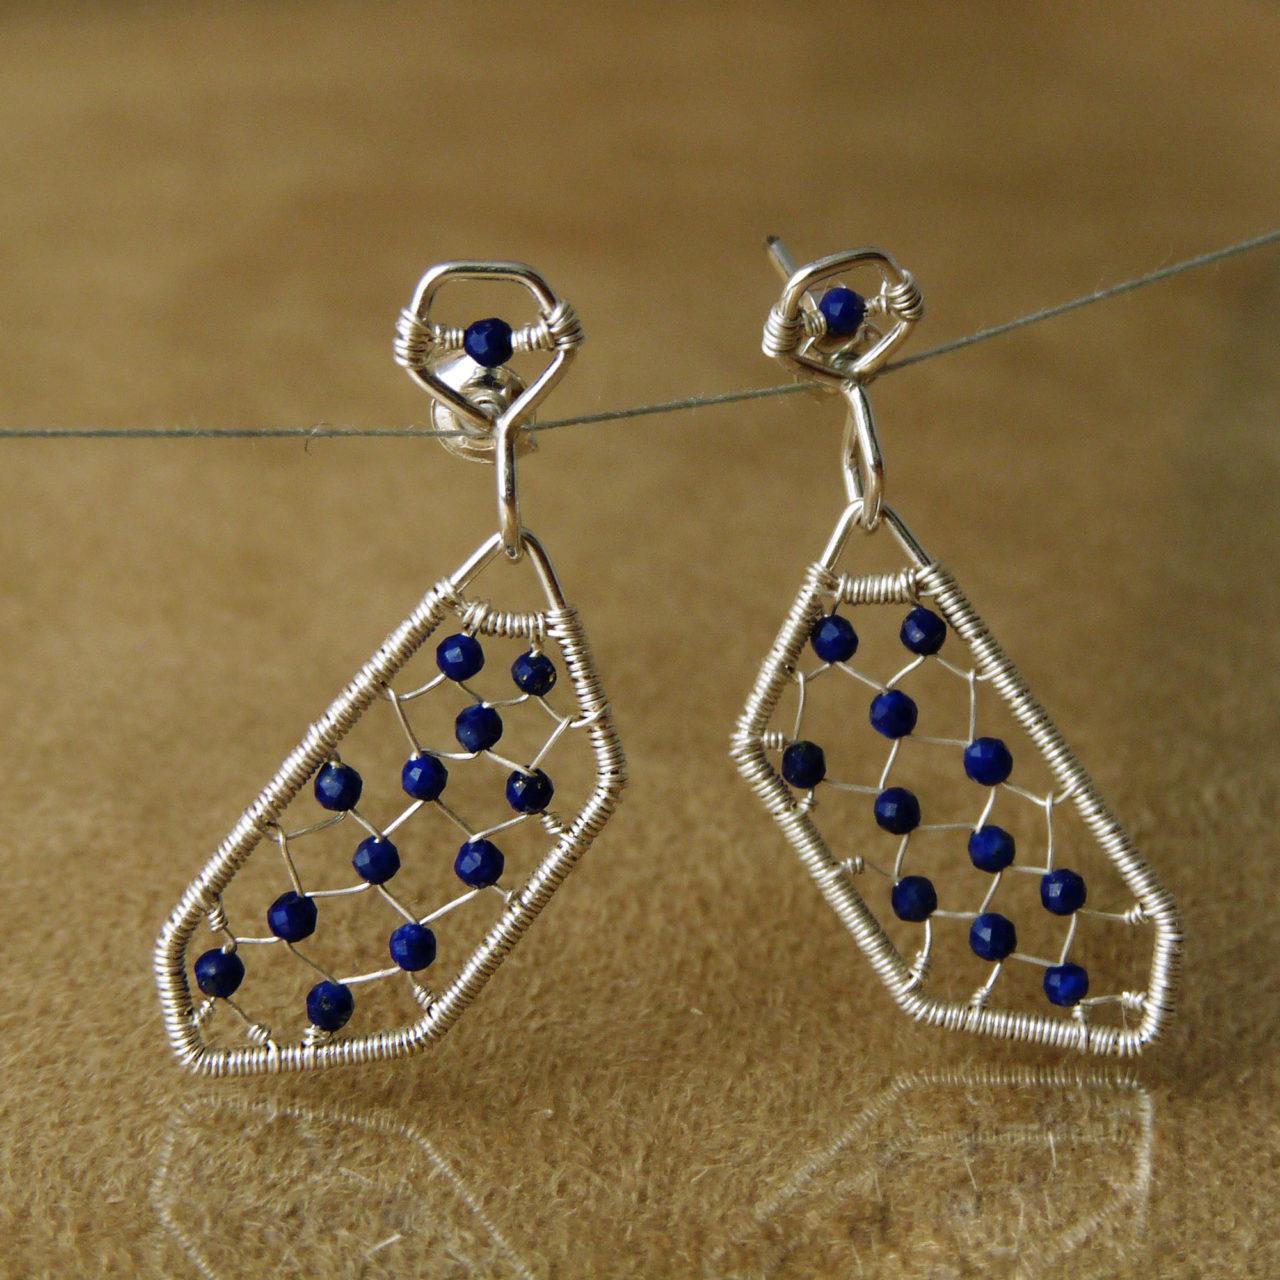 Netradiční drátované naušnice ze stříbra Ag 925/1000 a lapisu lazuli.